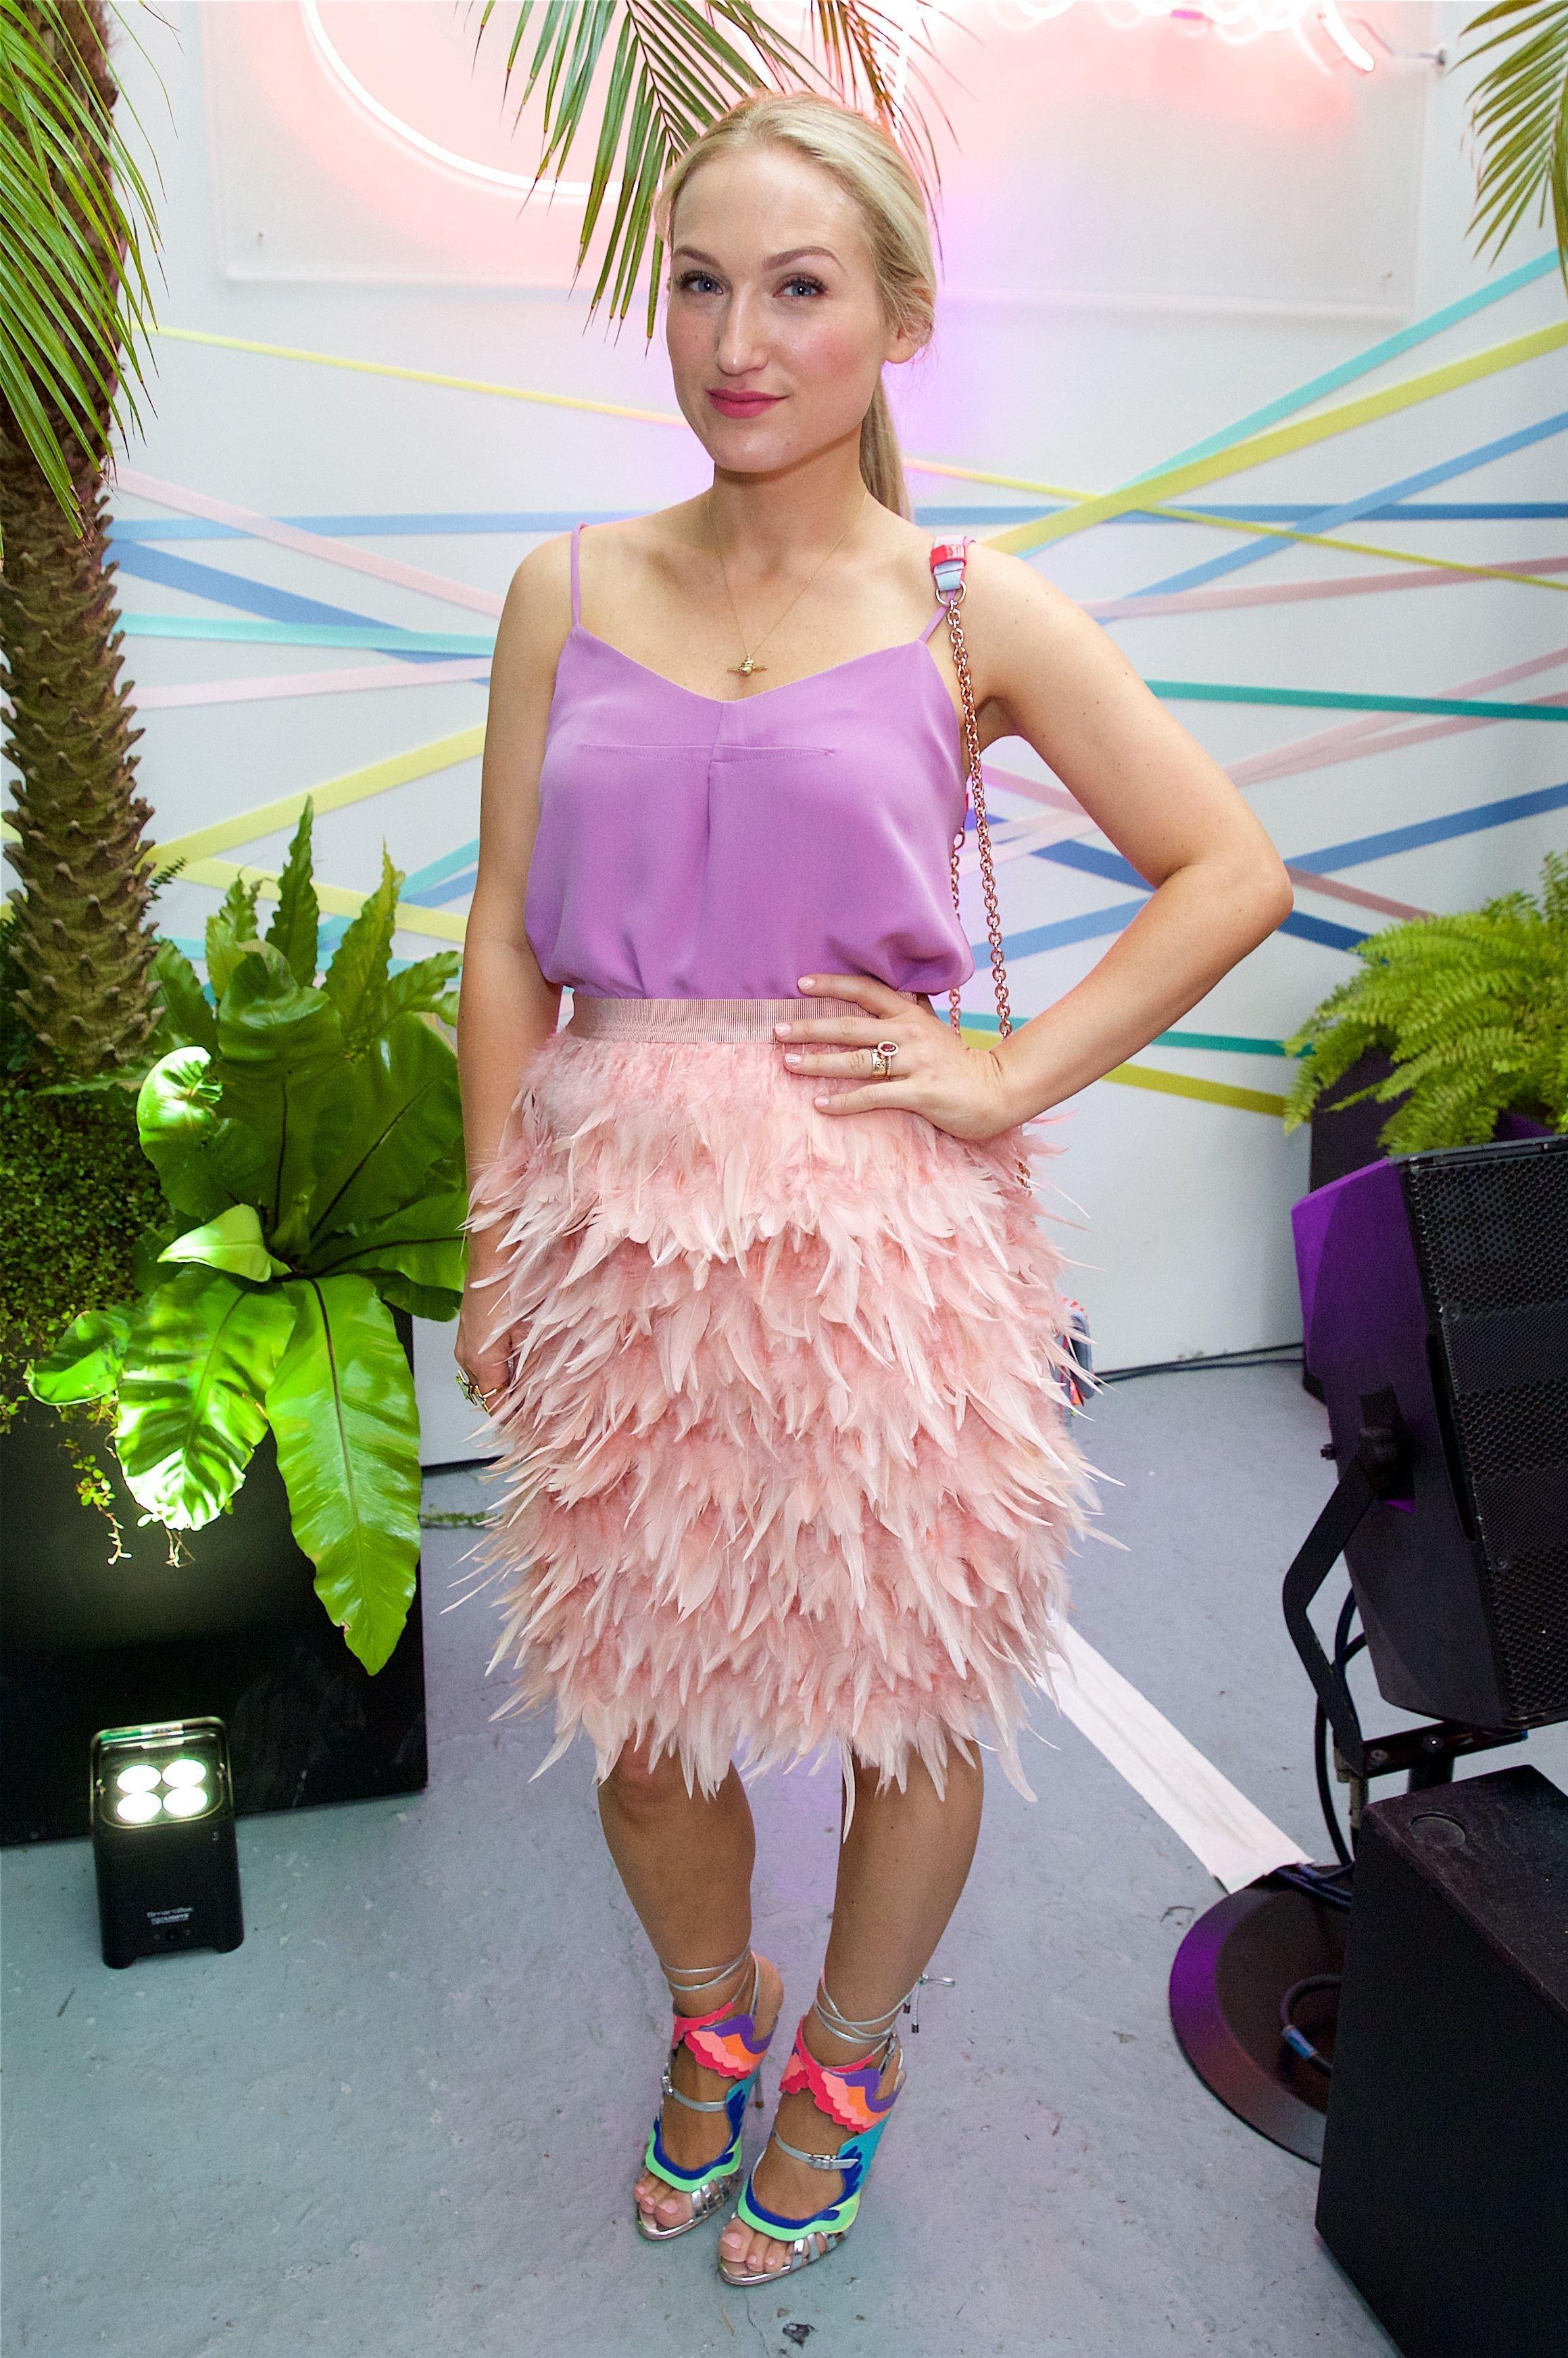 /Sophia Webster Sophia Webster presentation, Spring Summer 2017, London Fashion Week, UK - 19 Sep 2016, Image: 300391476, License: Rights-managed, Restrictions: , Model Release: no, Credit line: Profimedia, TEMP Rex Features